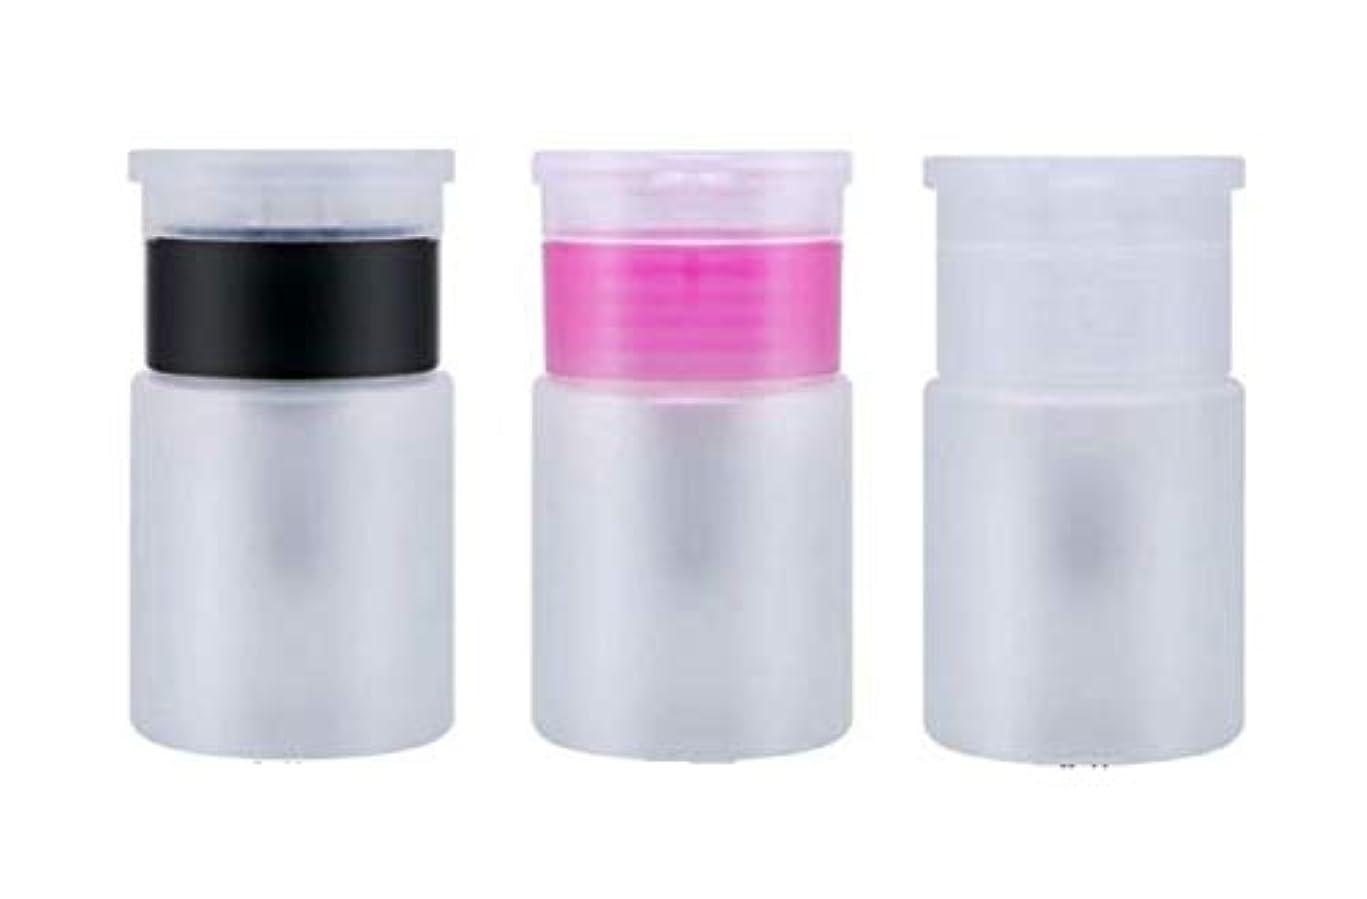 例外ことわざ伝統ポンプディスペンサー 60ml 液体 詰め替え容器 小分け 携帯用ボトル 3個セット QT-012